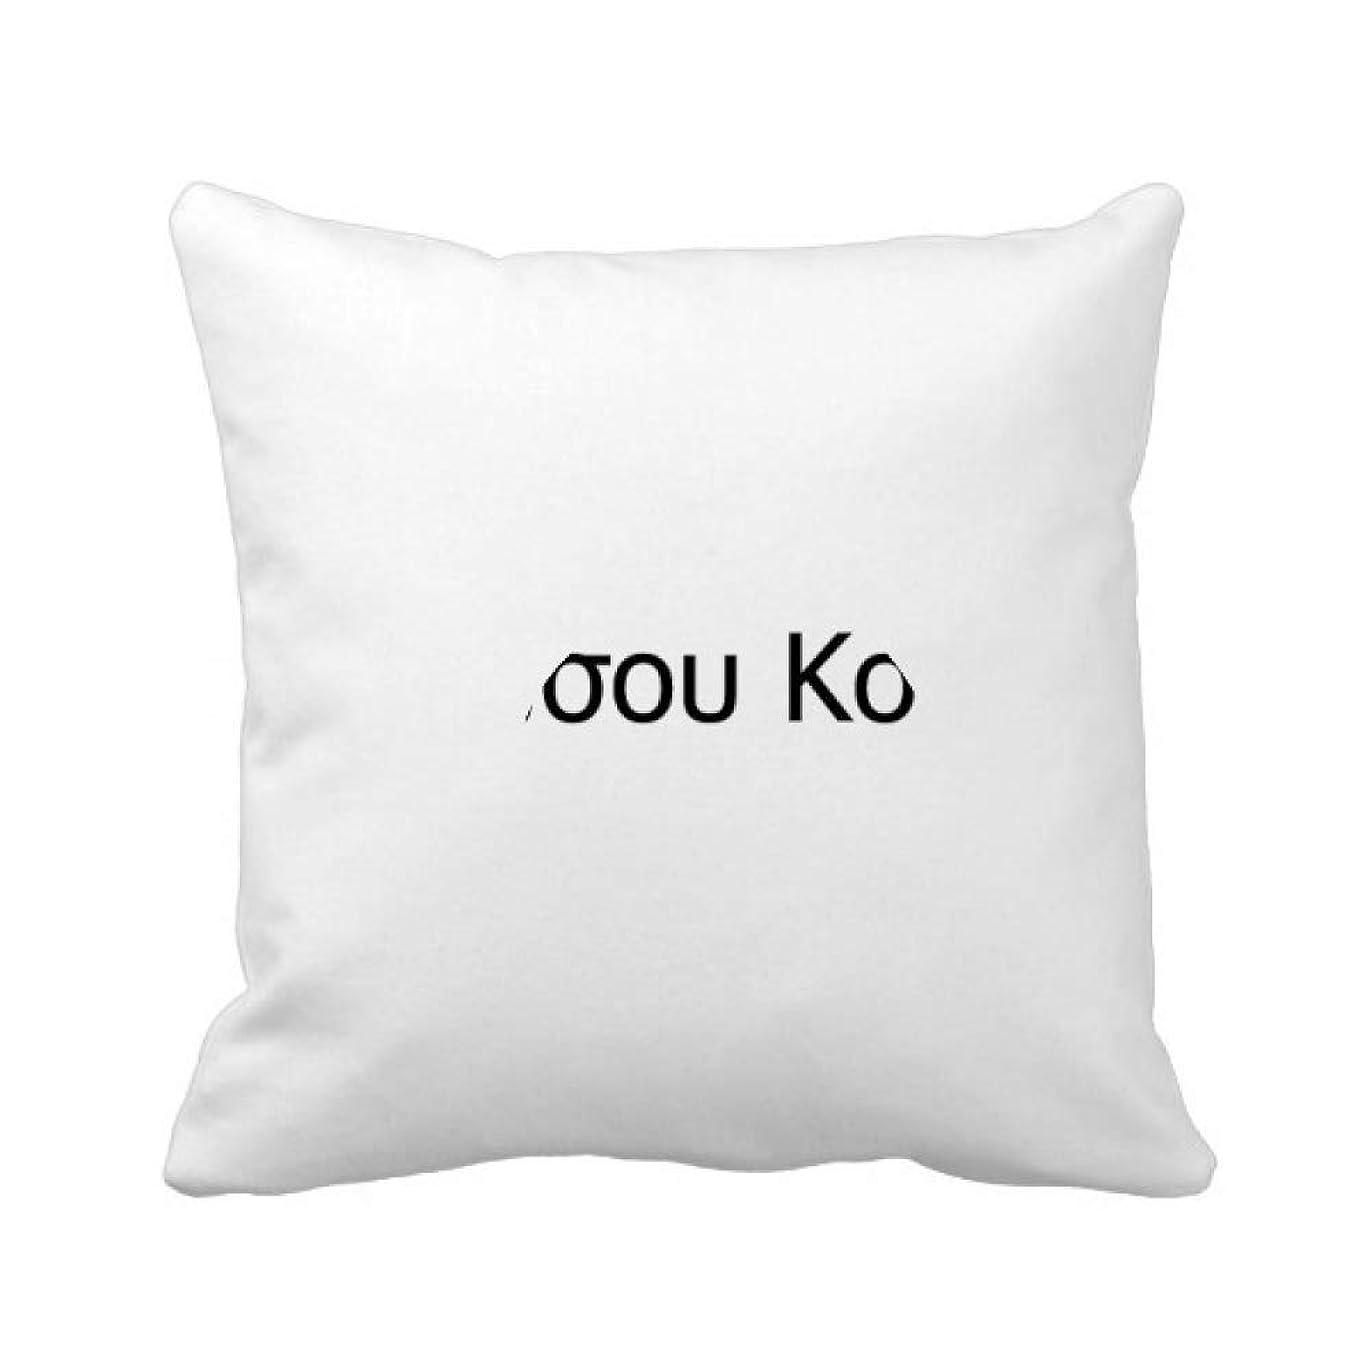 キャッシュ羊見てこんにちは世界のギリシャ語 パイナップル枕カバー正方形を投げる 50cm x 50cm